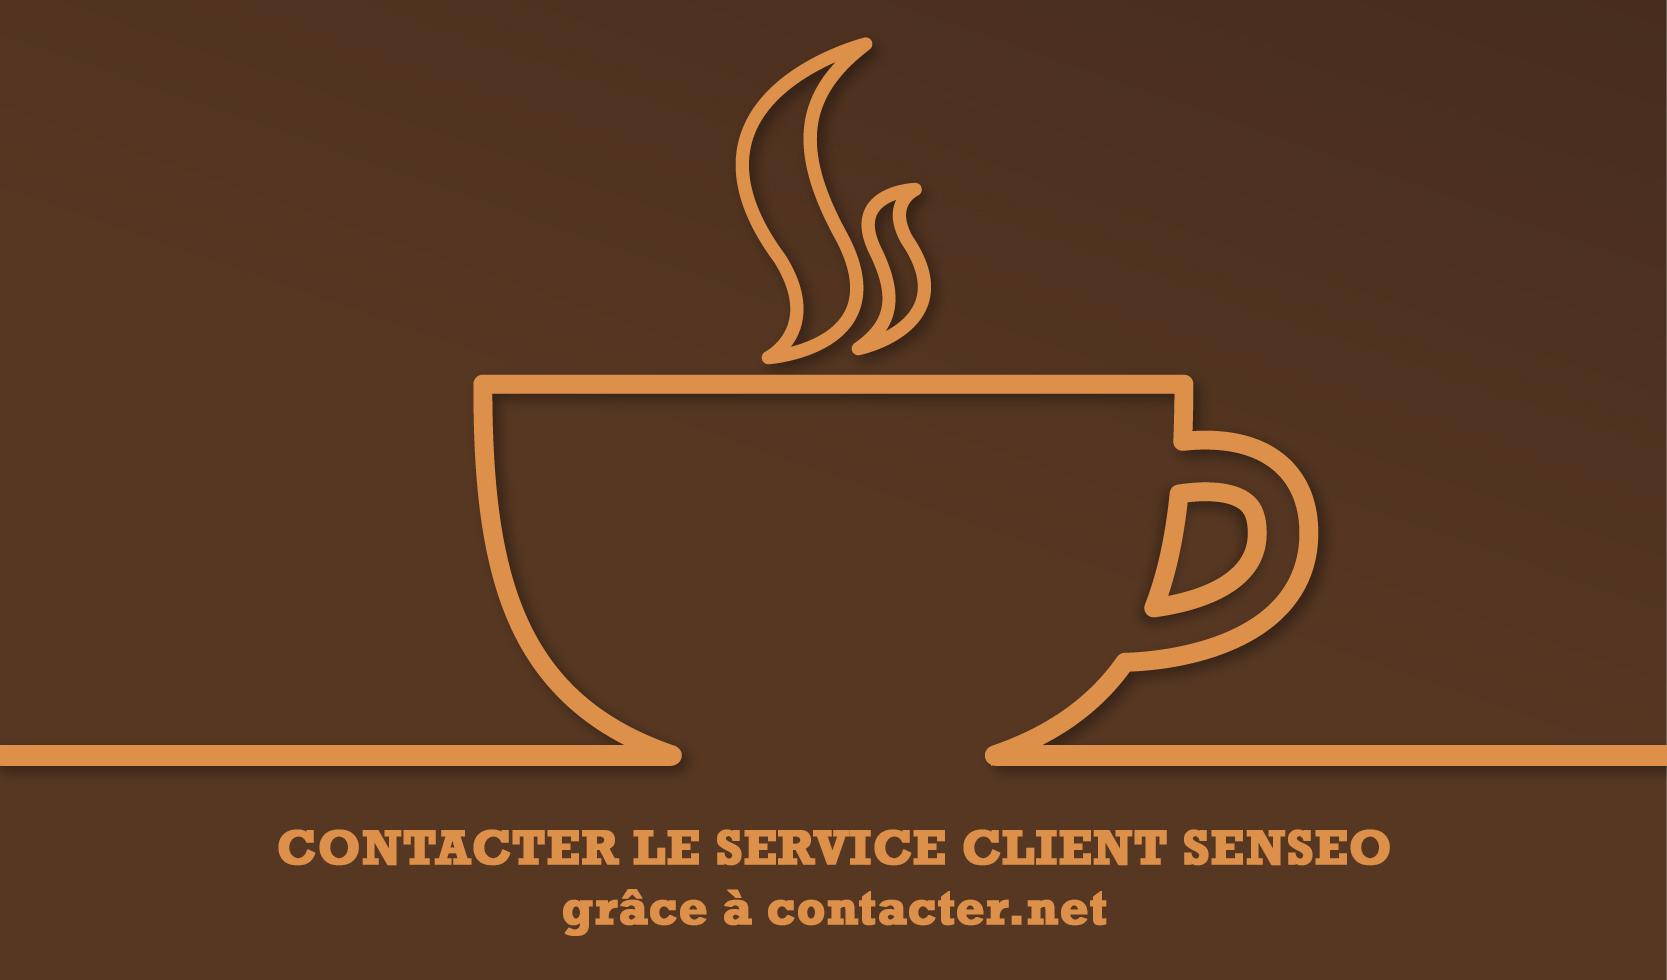 Service client senso